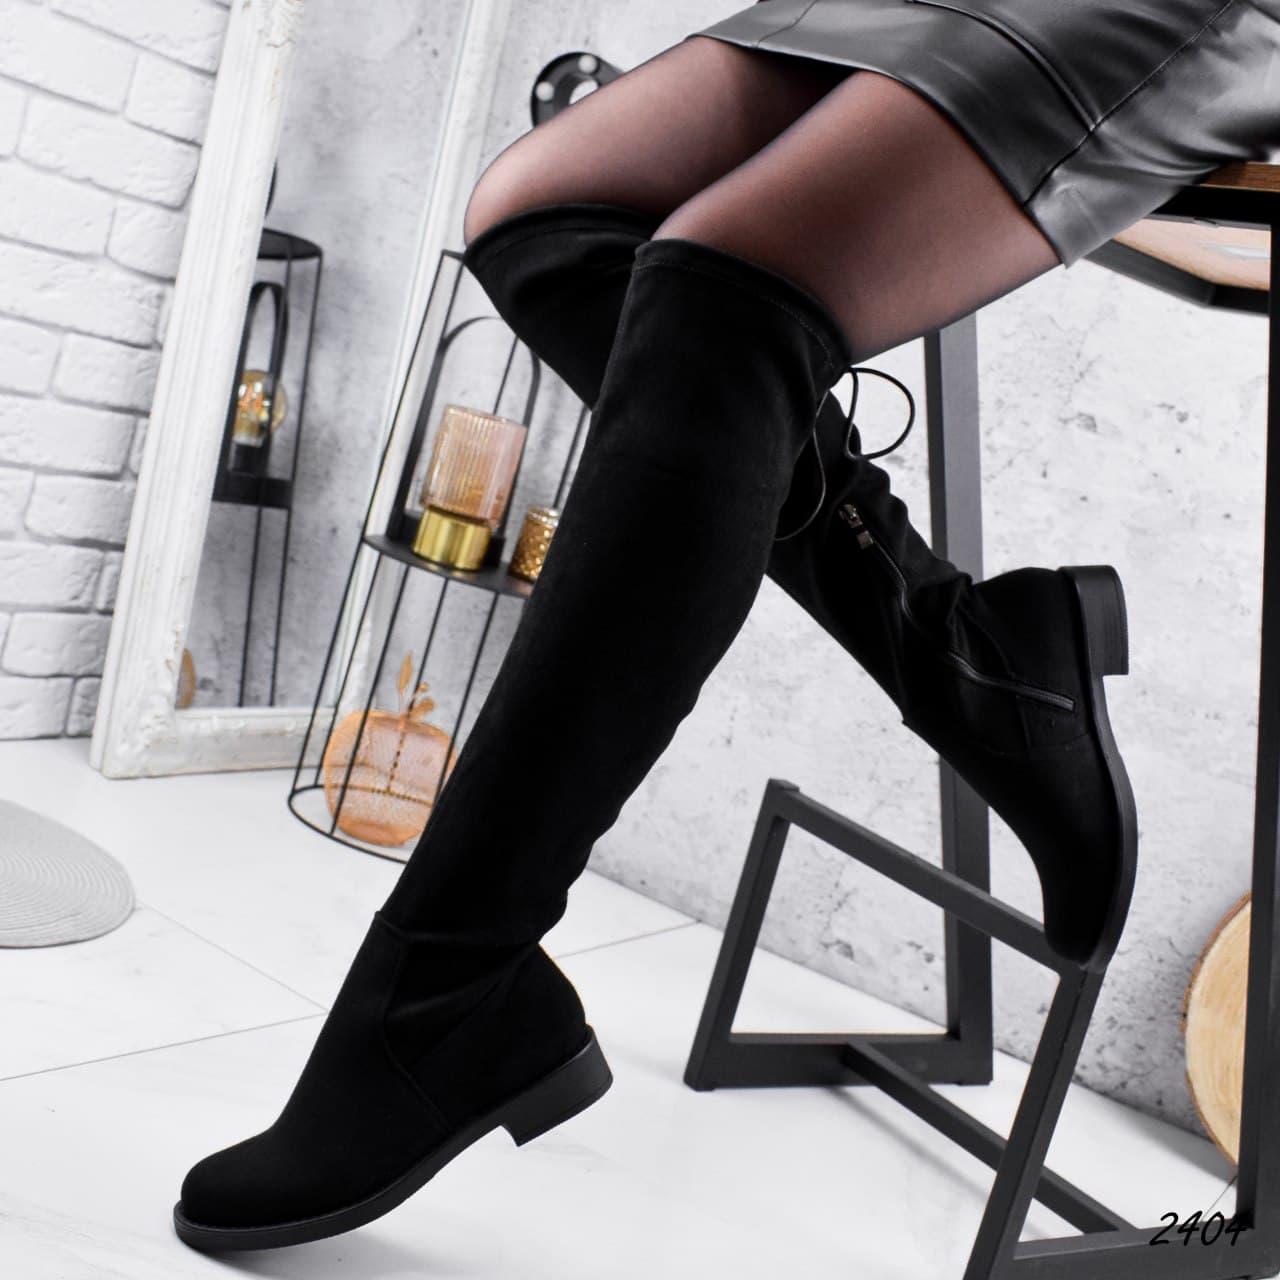 Ботфорти жіночі чорного кольору з еко замші демісезонні. Високі Ботфорти демісезонні